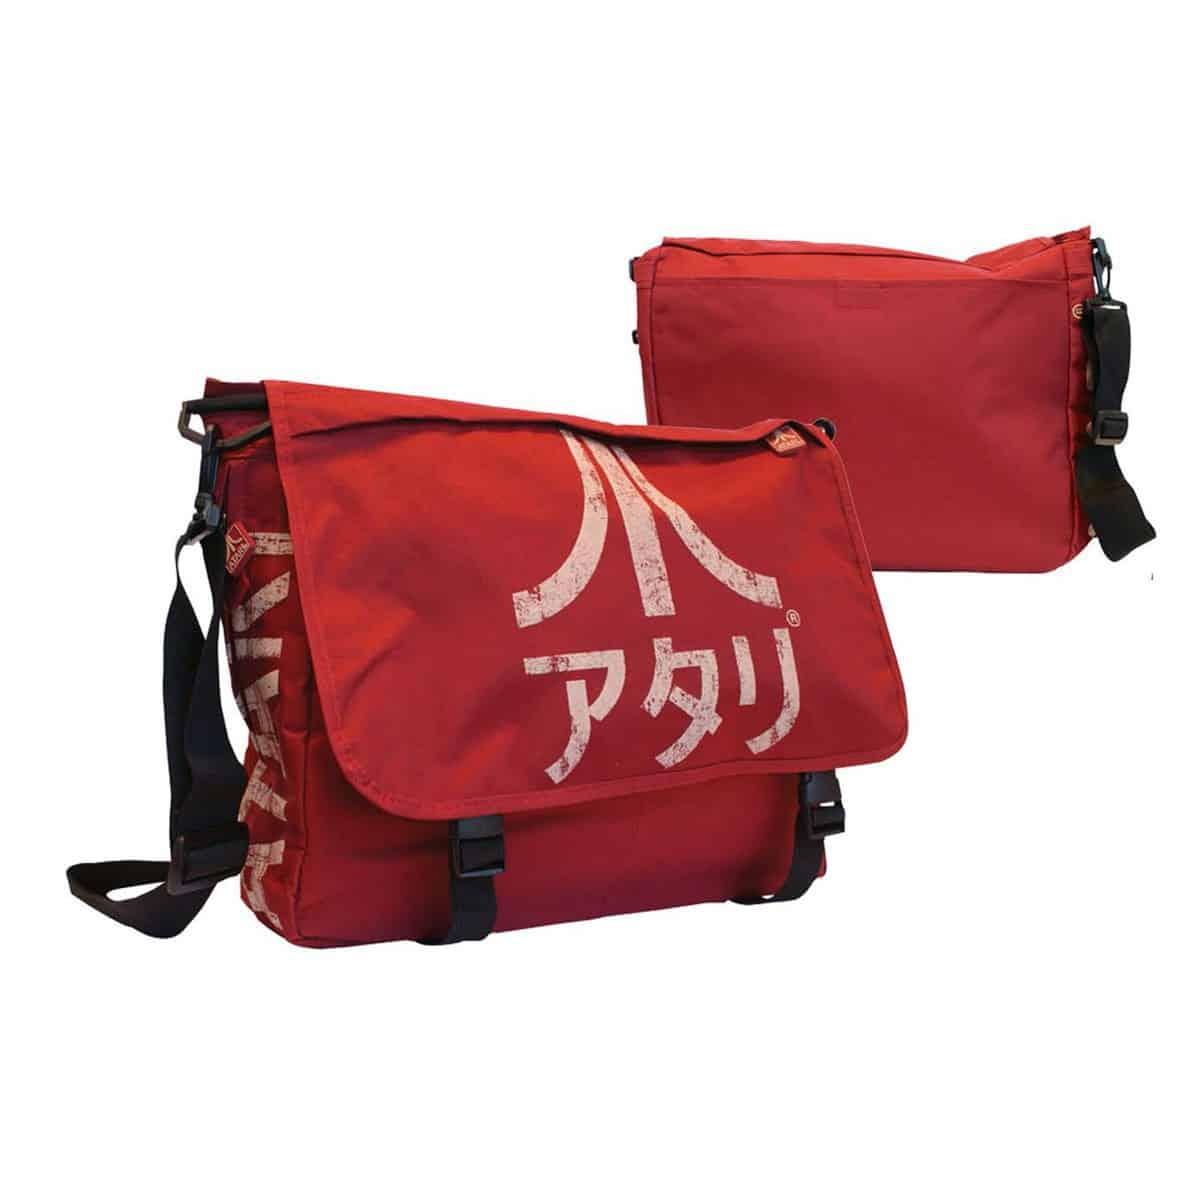 Atari - Dark Red Messenger Bag with Japanese Logo